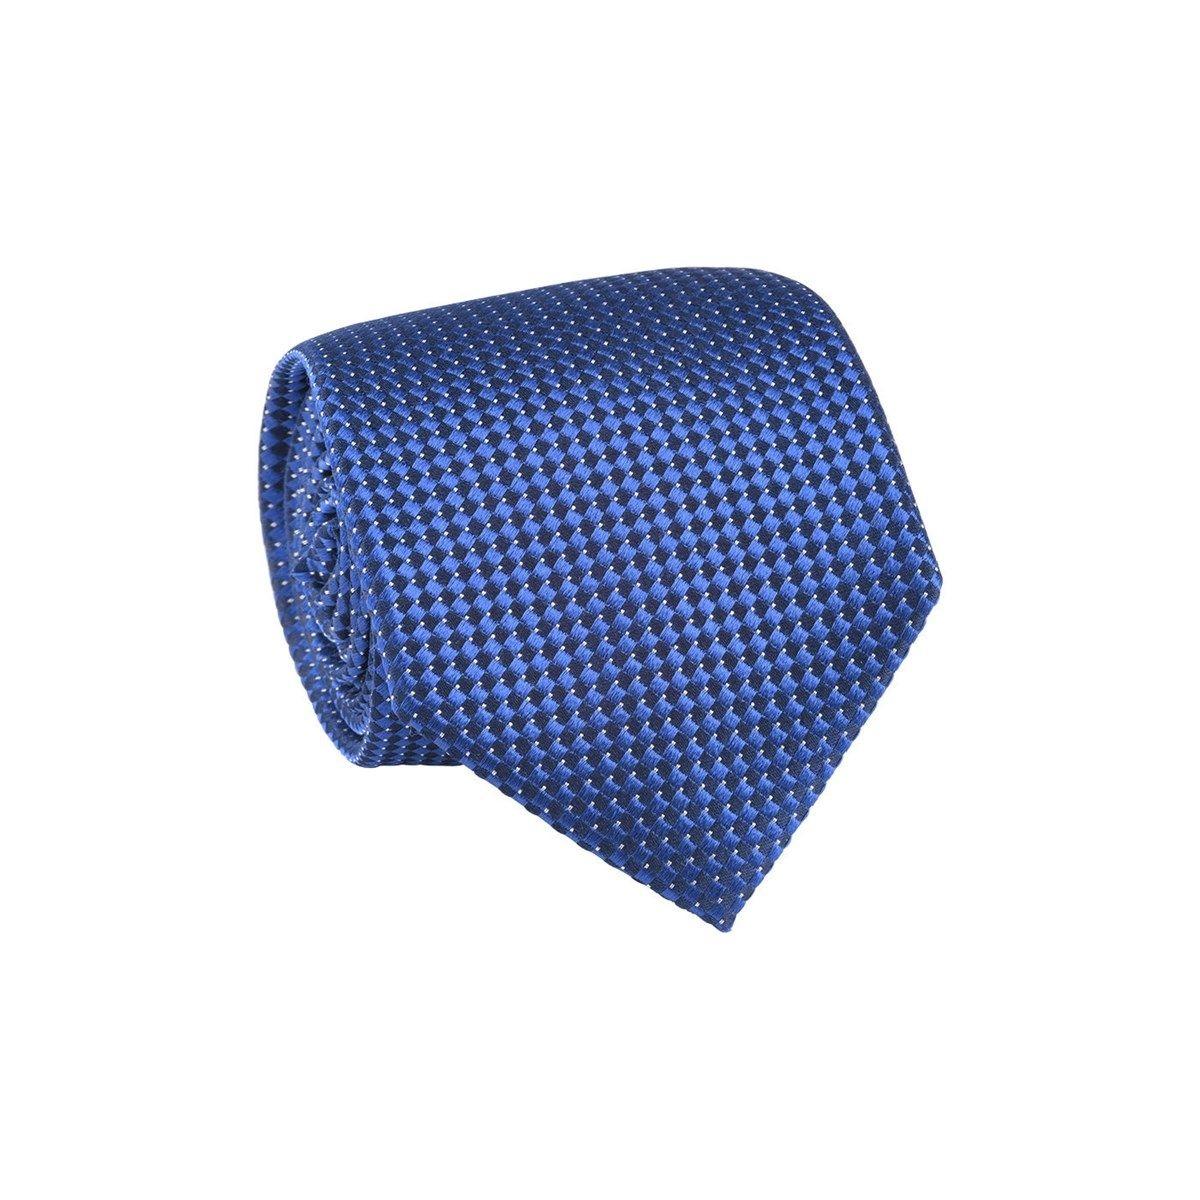 Cravate 100% soie imprimé carrés